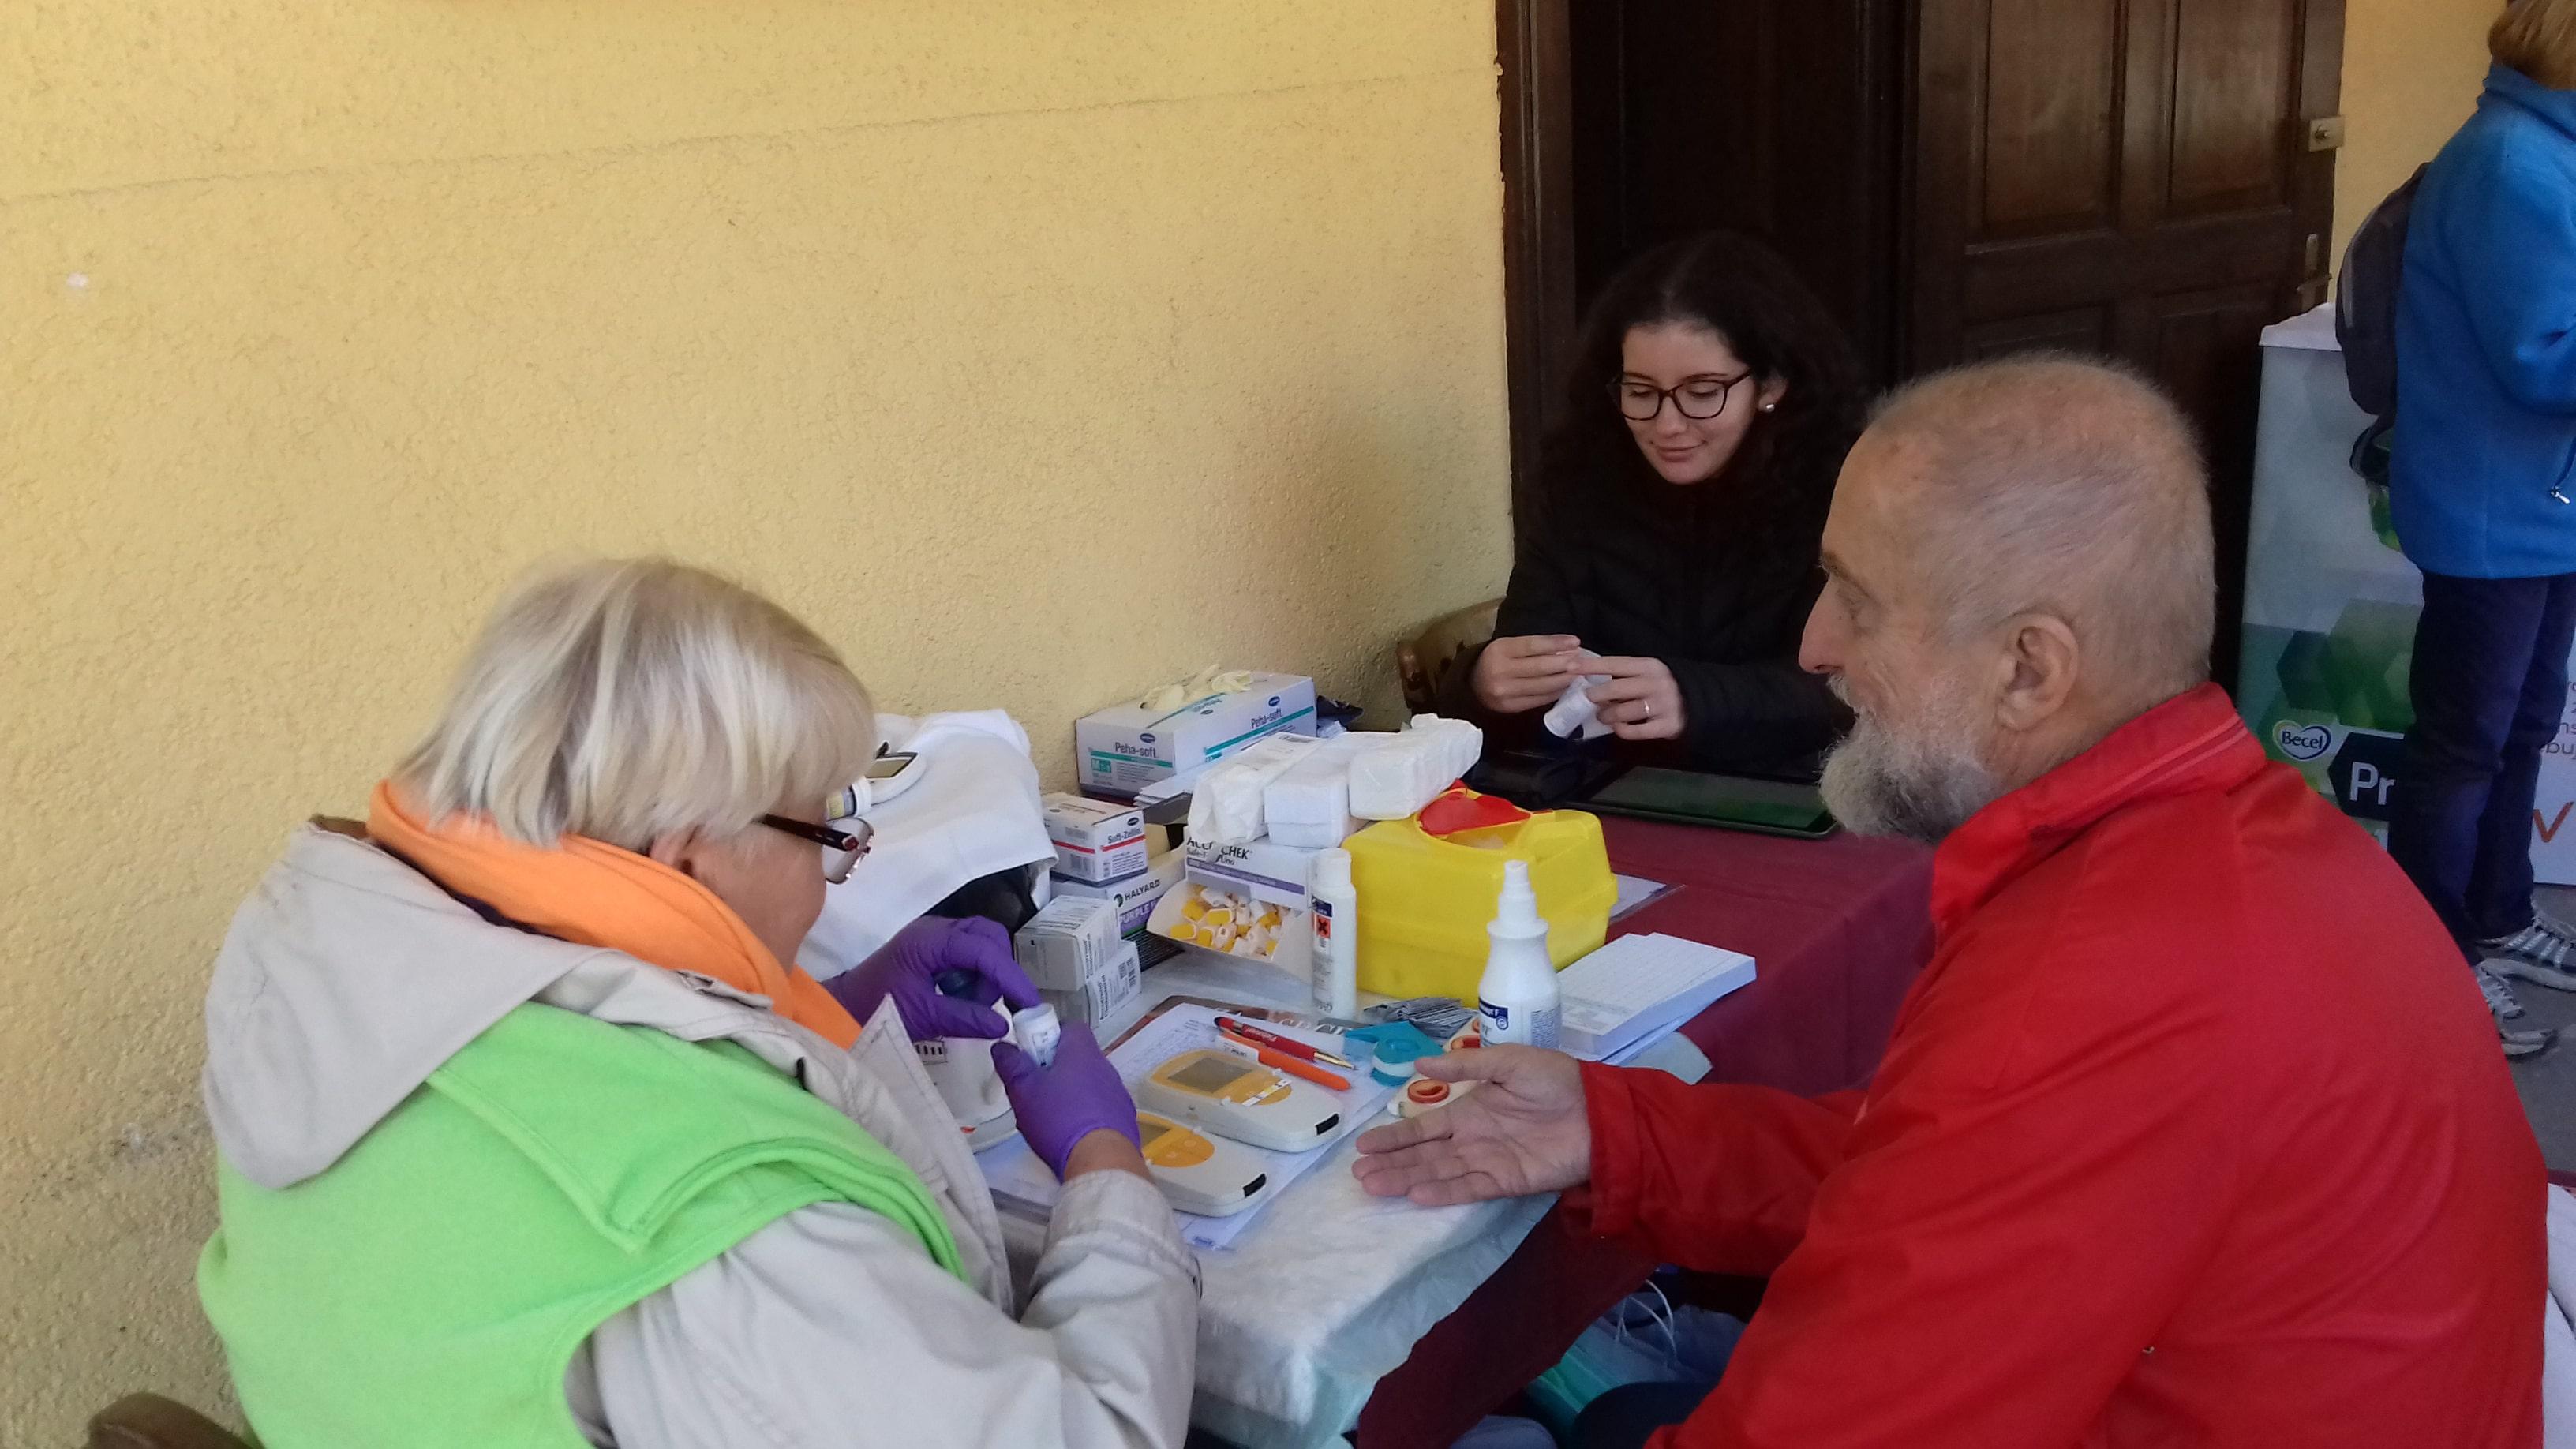 Slika 1: Izvajanje krvnih preiskav